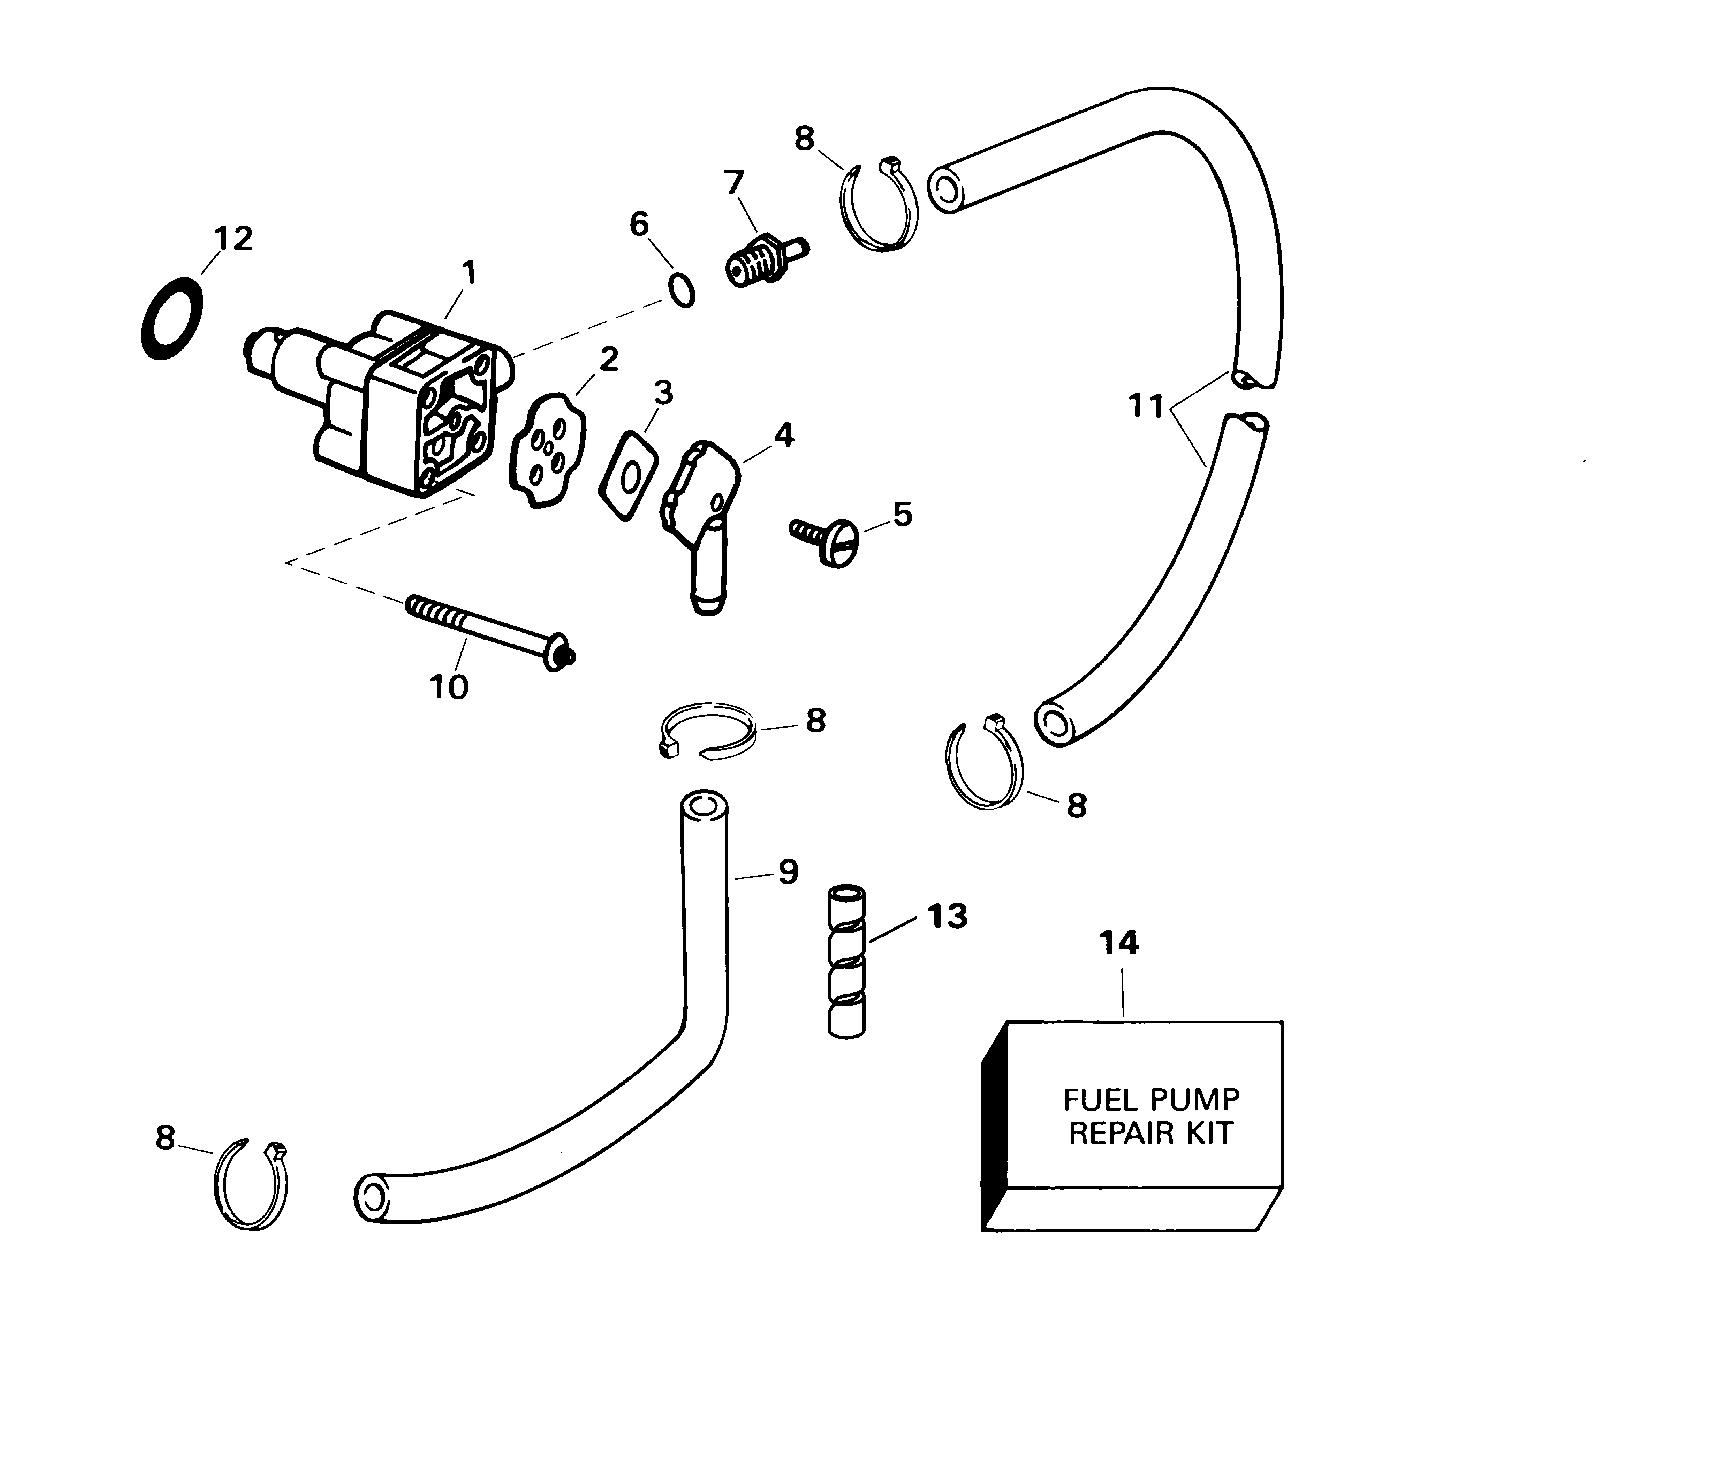 Johnson 15 Fuel Pump Diagram Wiring Schematics 1988 9 Hp Outboard Parts Brp Evinrude En 2000 E15el4sse 4 Stroke Elec Start Seahorse Electrical